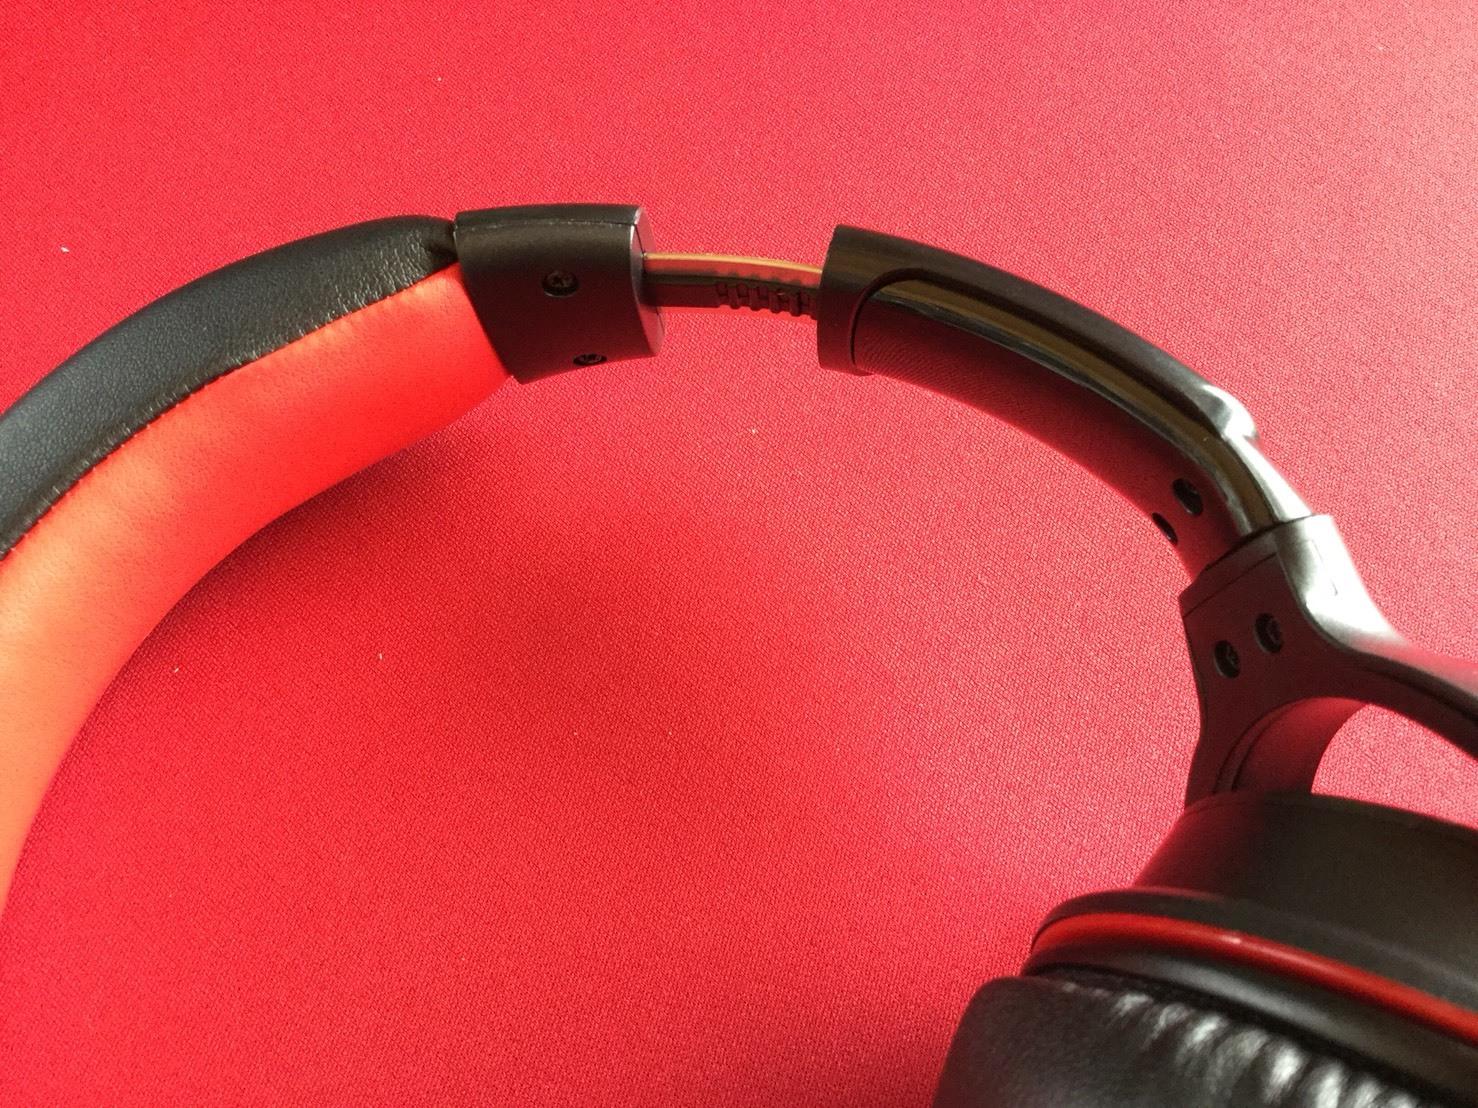 Bluetoothのヘッドホン09